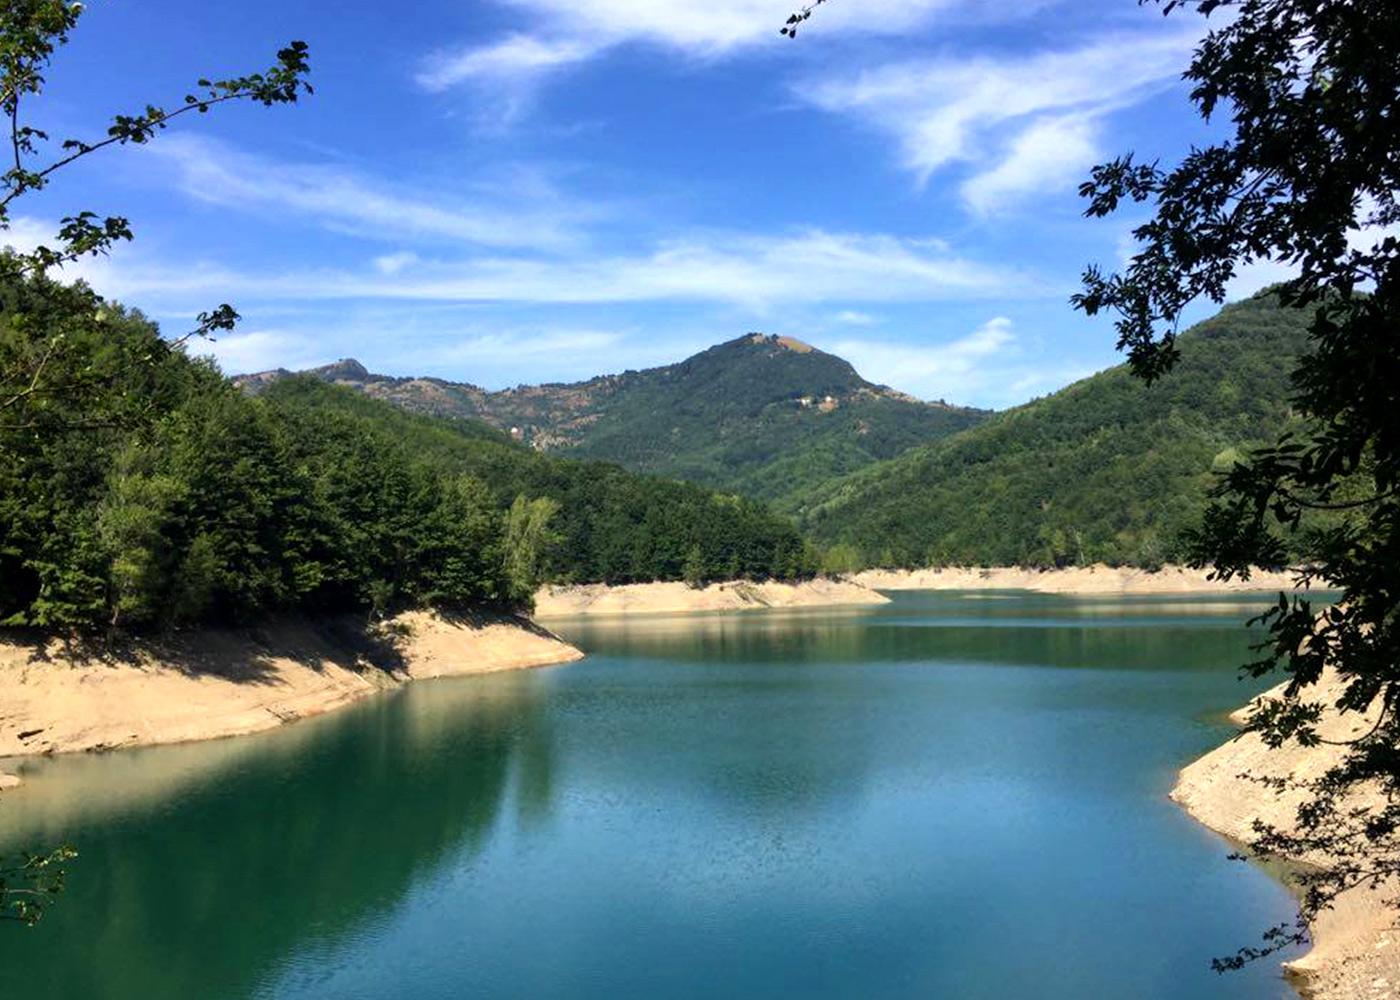 Tra il Monte Antola e il lago del Brugneto, un mondo da scoprire